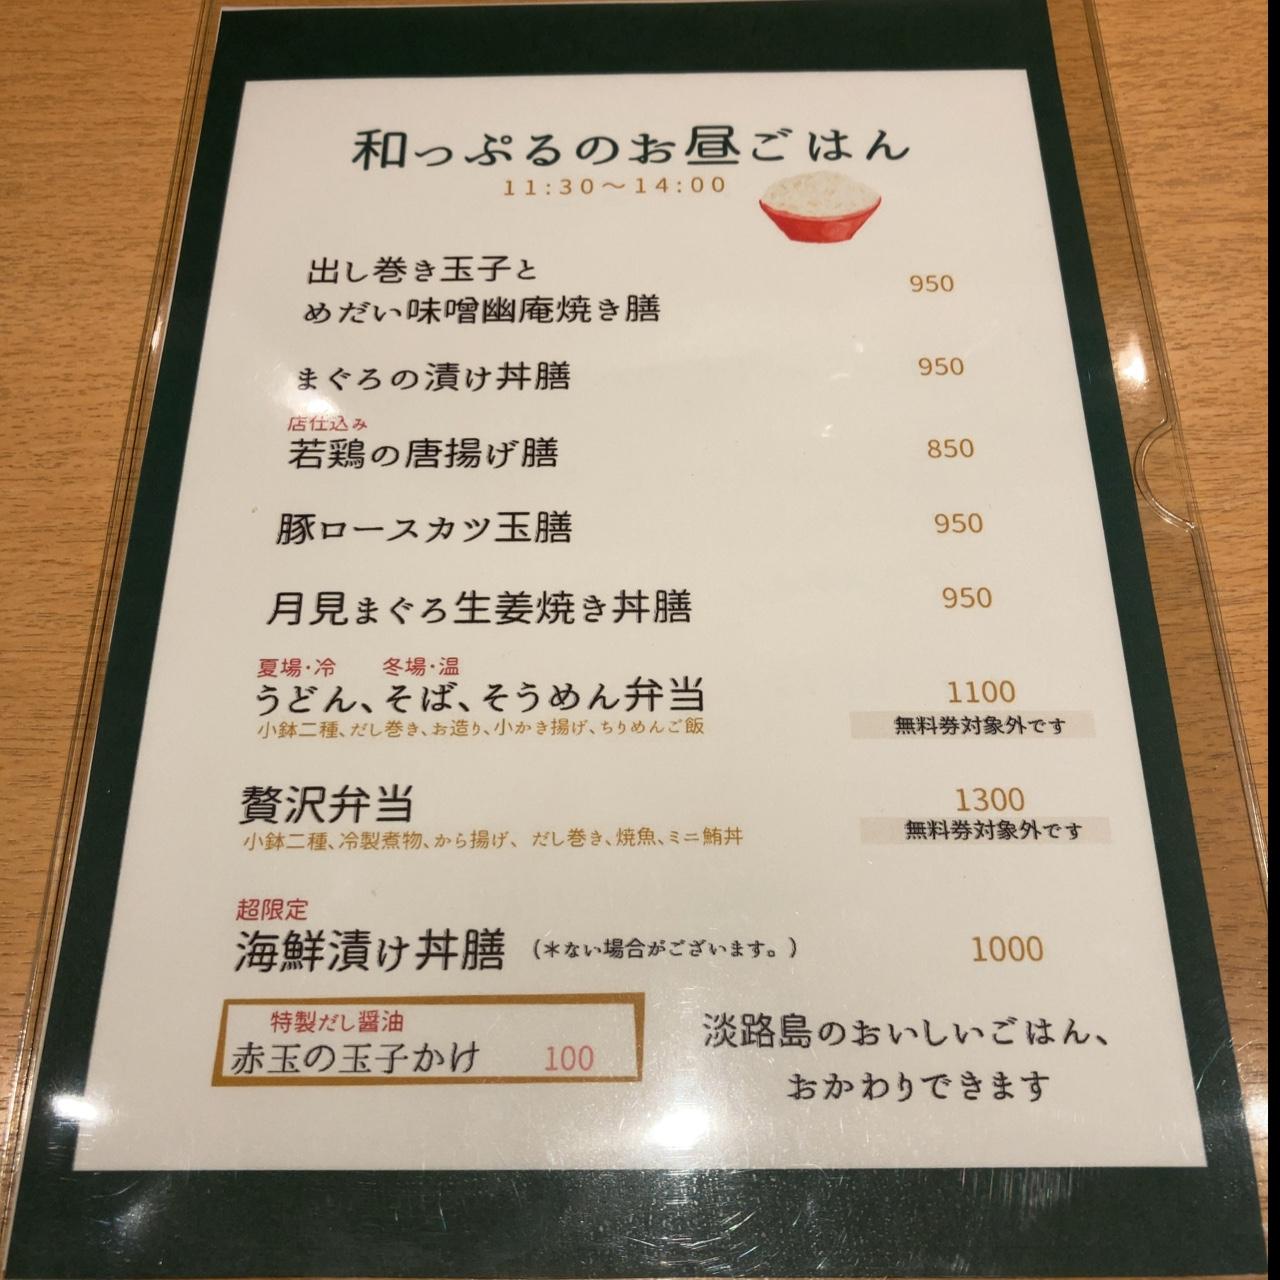 和と酒めし処・和っぷる>